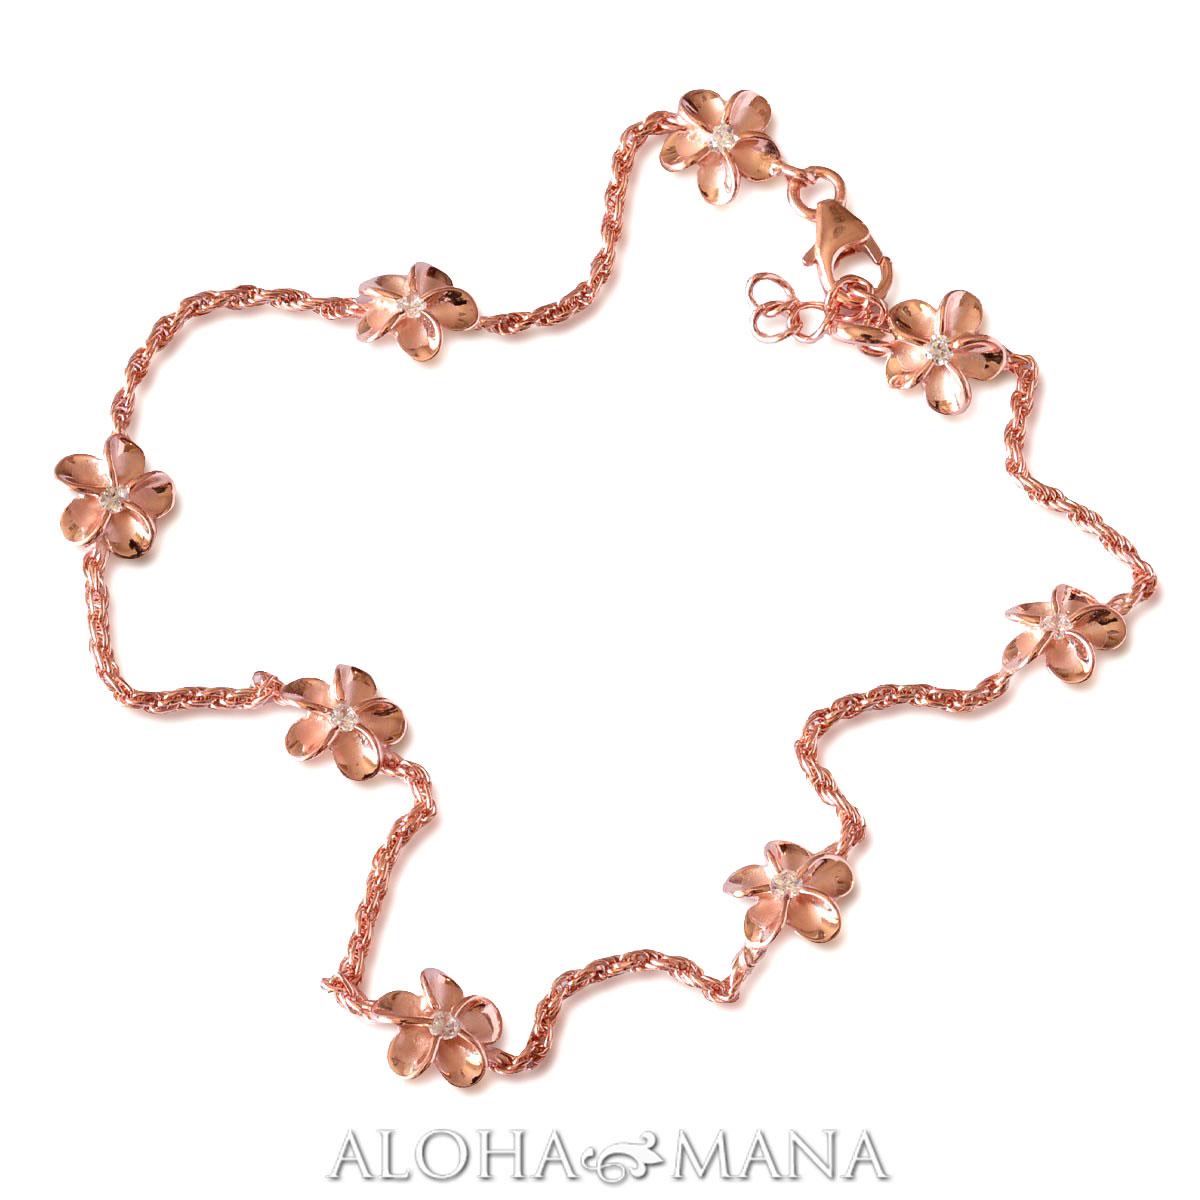 ハワイアンジュエリー アンクレット プルメリアチェーン  SILVER925 ピンクゴールドCzアンクレット bbr1565/新作